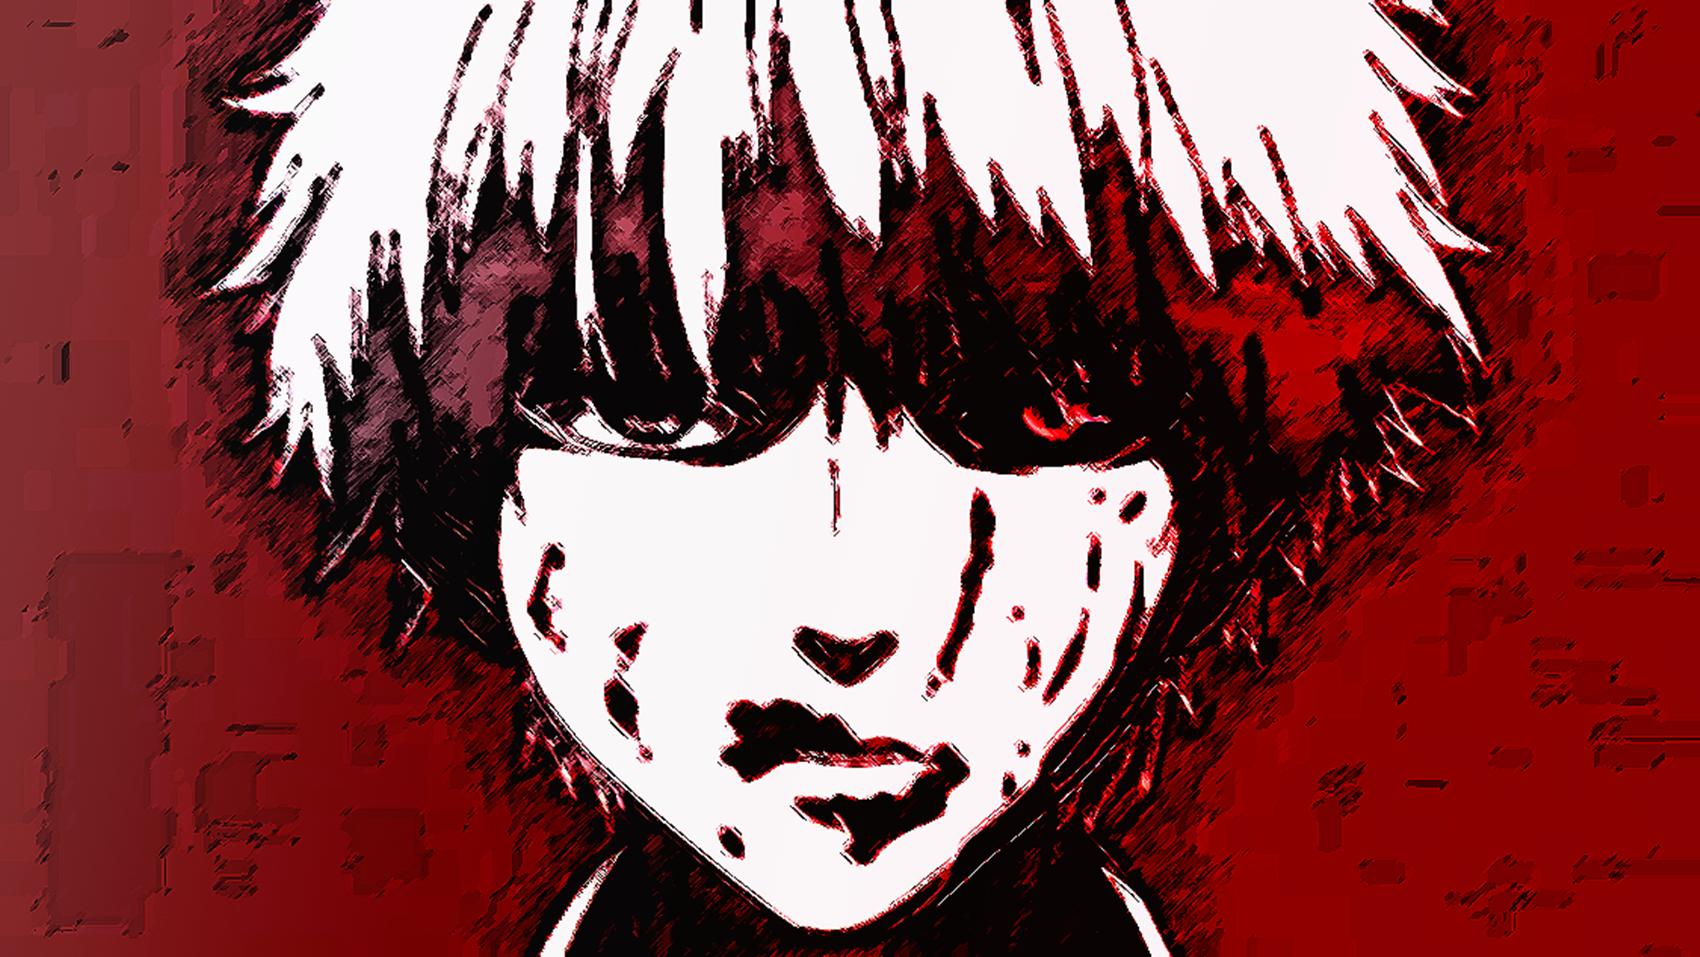 Art ID: 122704